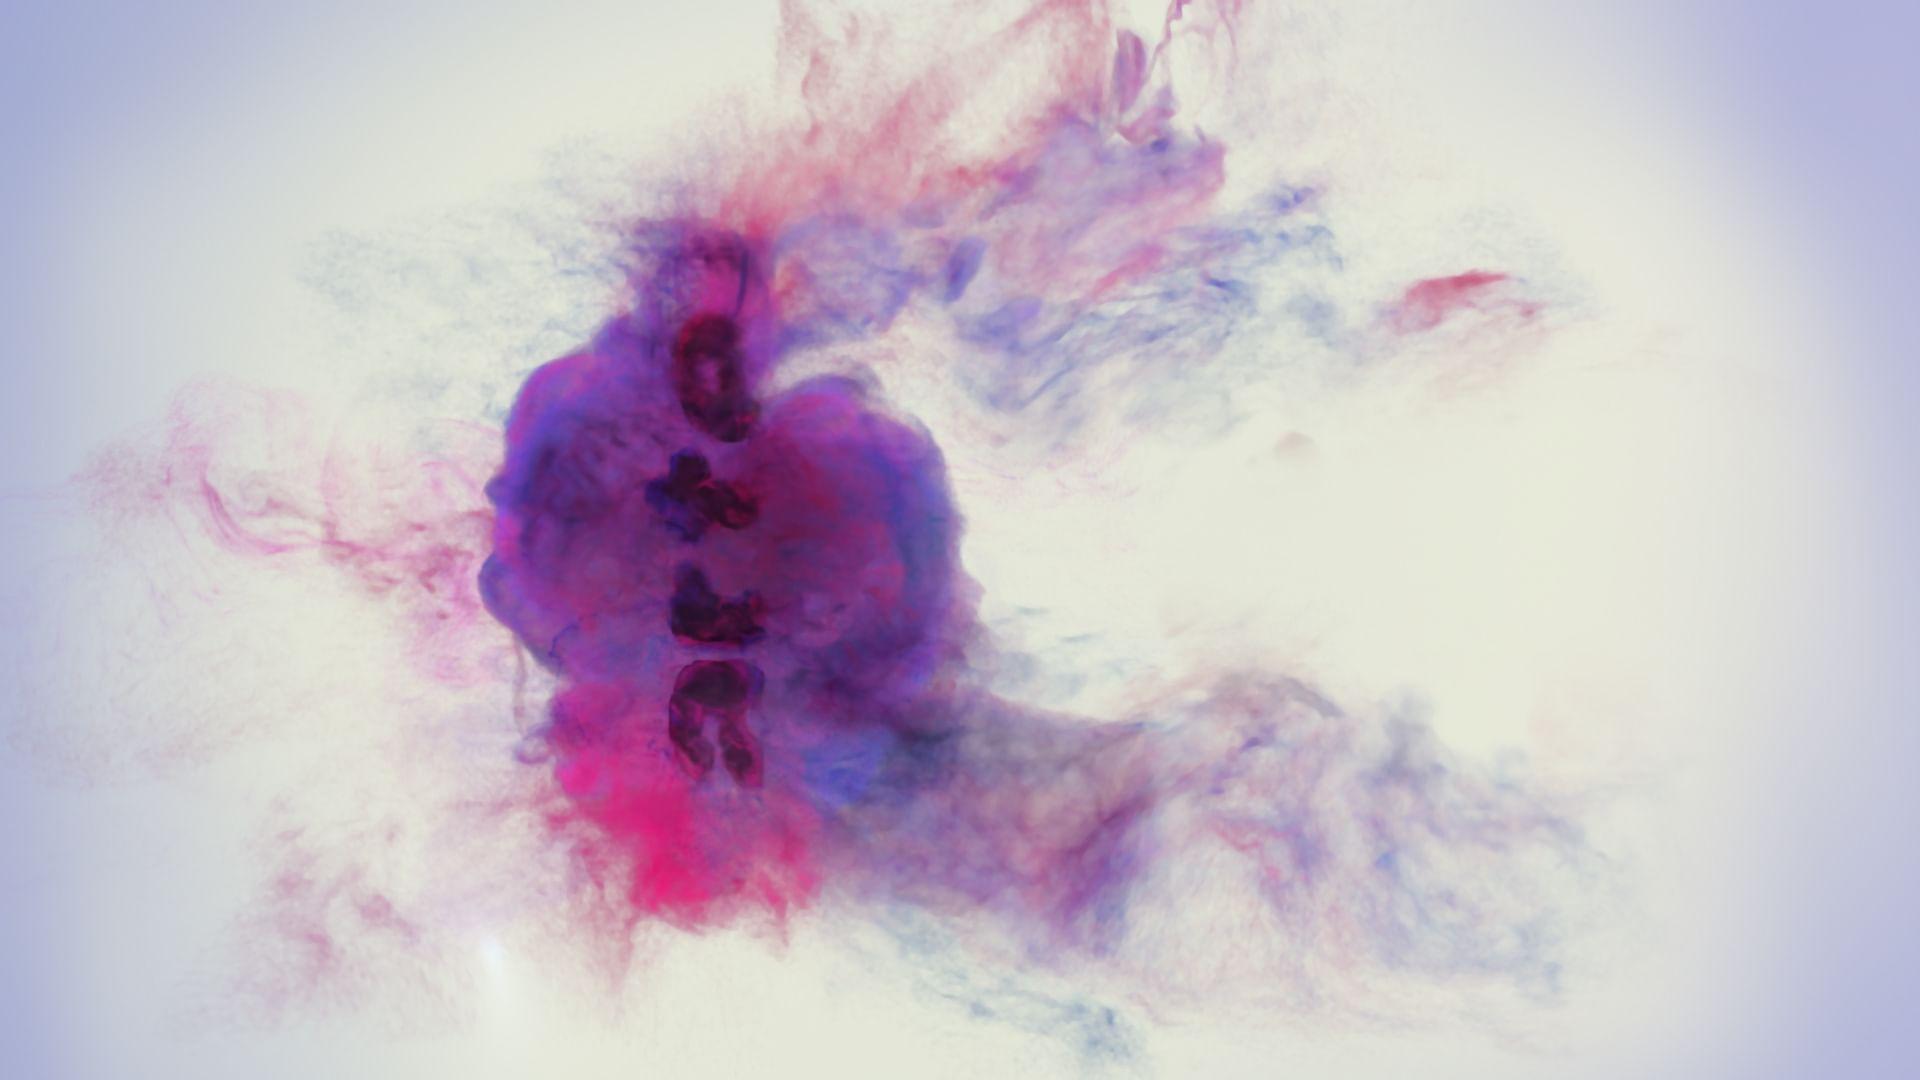 Daniil Trifonov interprète le concerto n°2 de Chopin